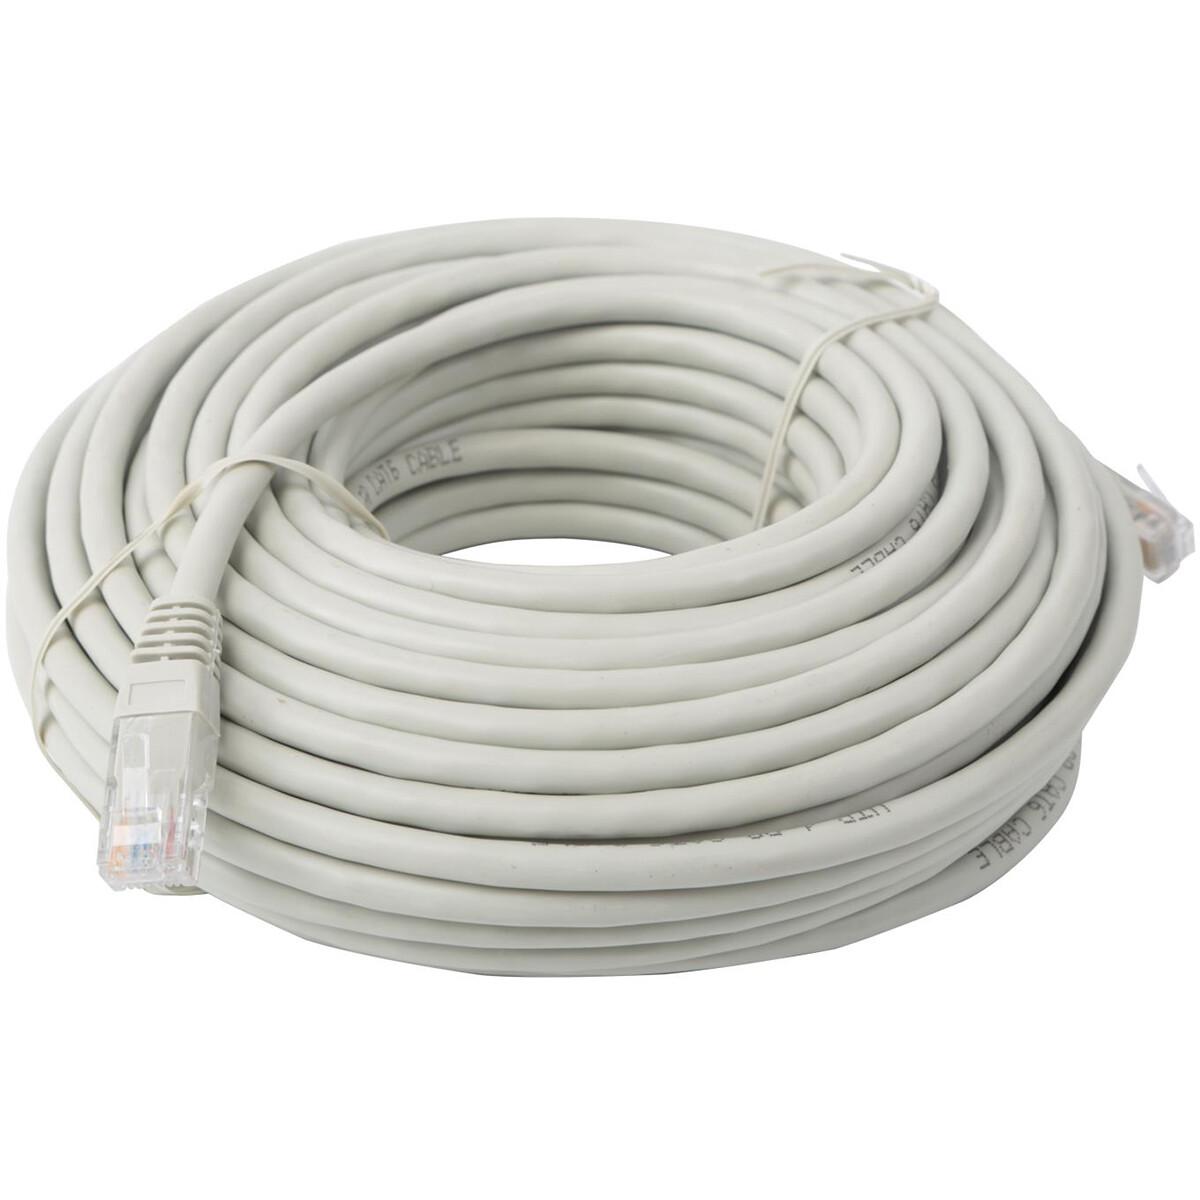 Netwerkkabel - Aigi Atryn - Cat6 UTP - 20 Meter - Koper - Grijs